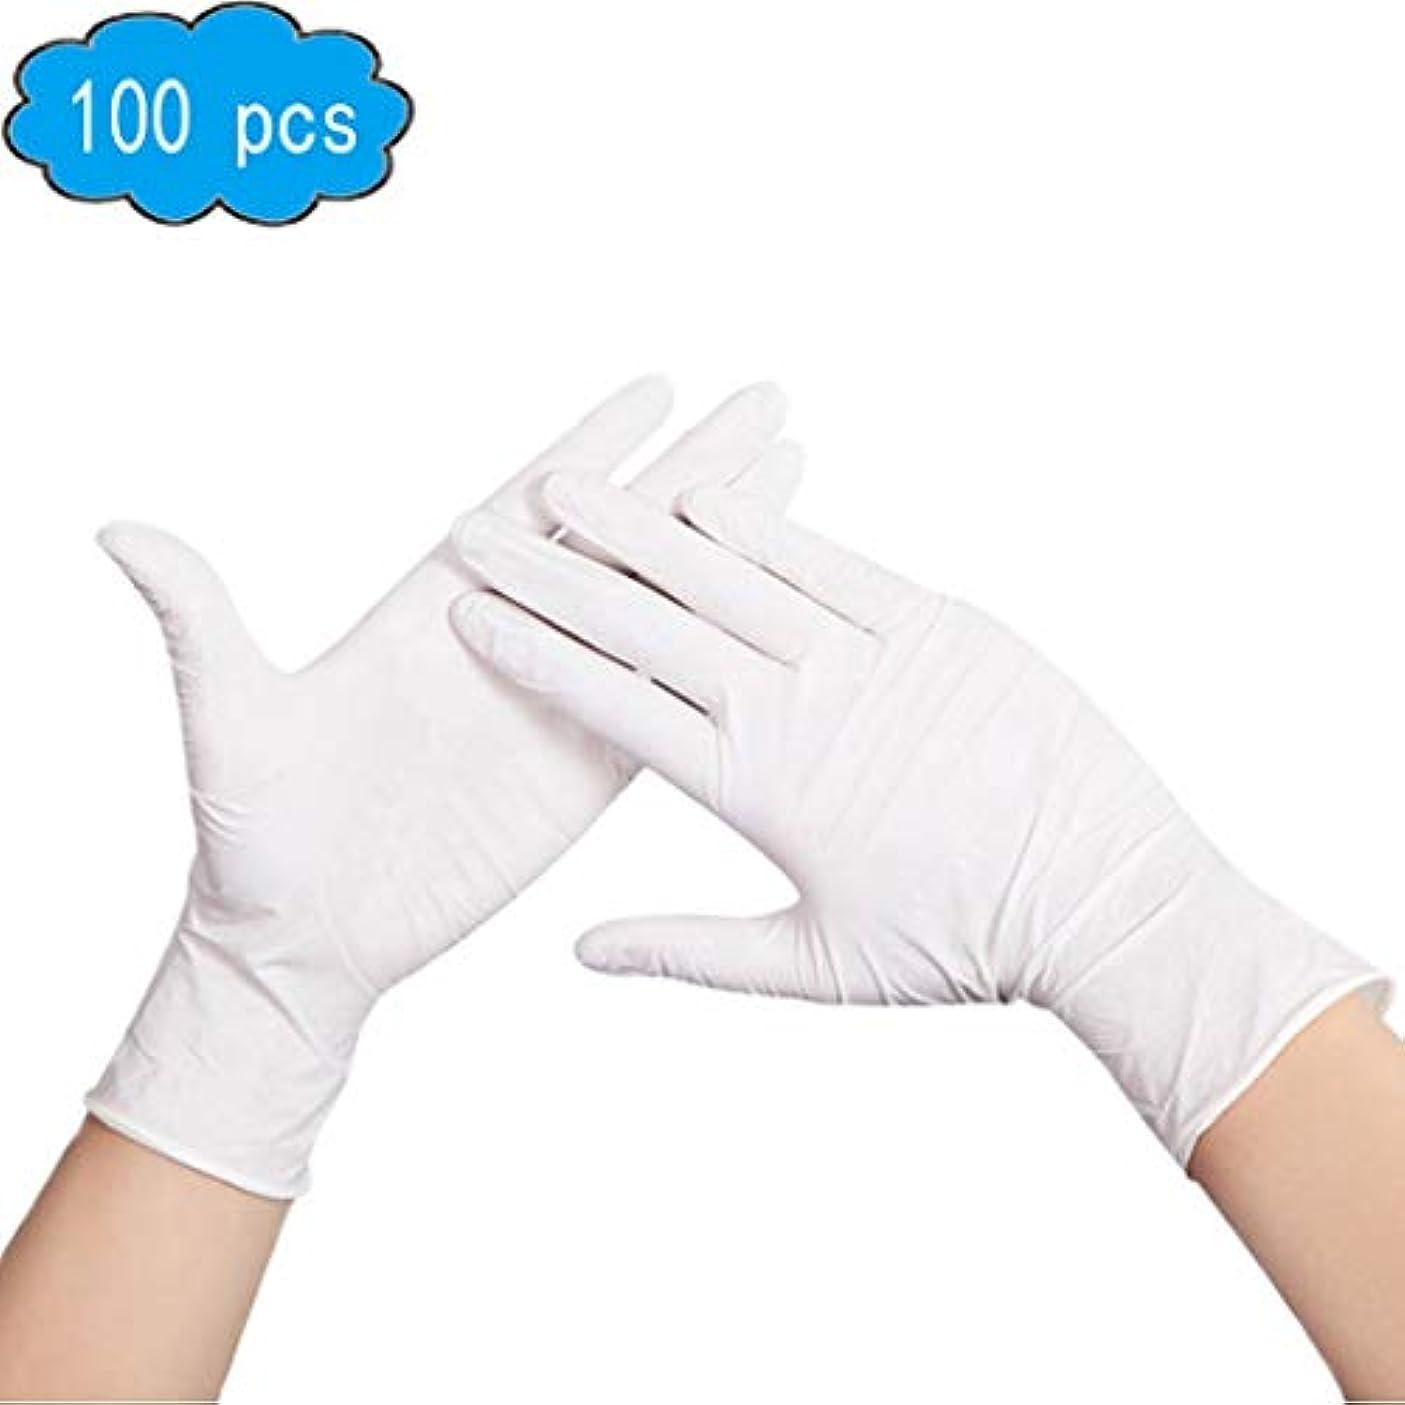 安全でない誇大妄想句読点ニトリル手袋、ラテックス医療検査用パウダーフリーの使い捨て手袋サイズ中 - 9